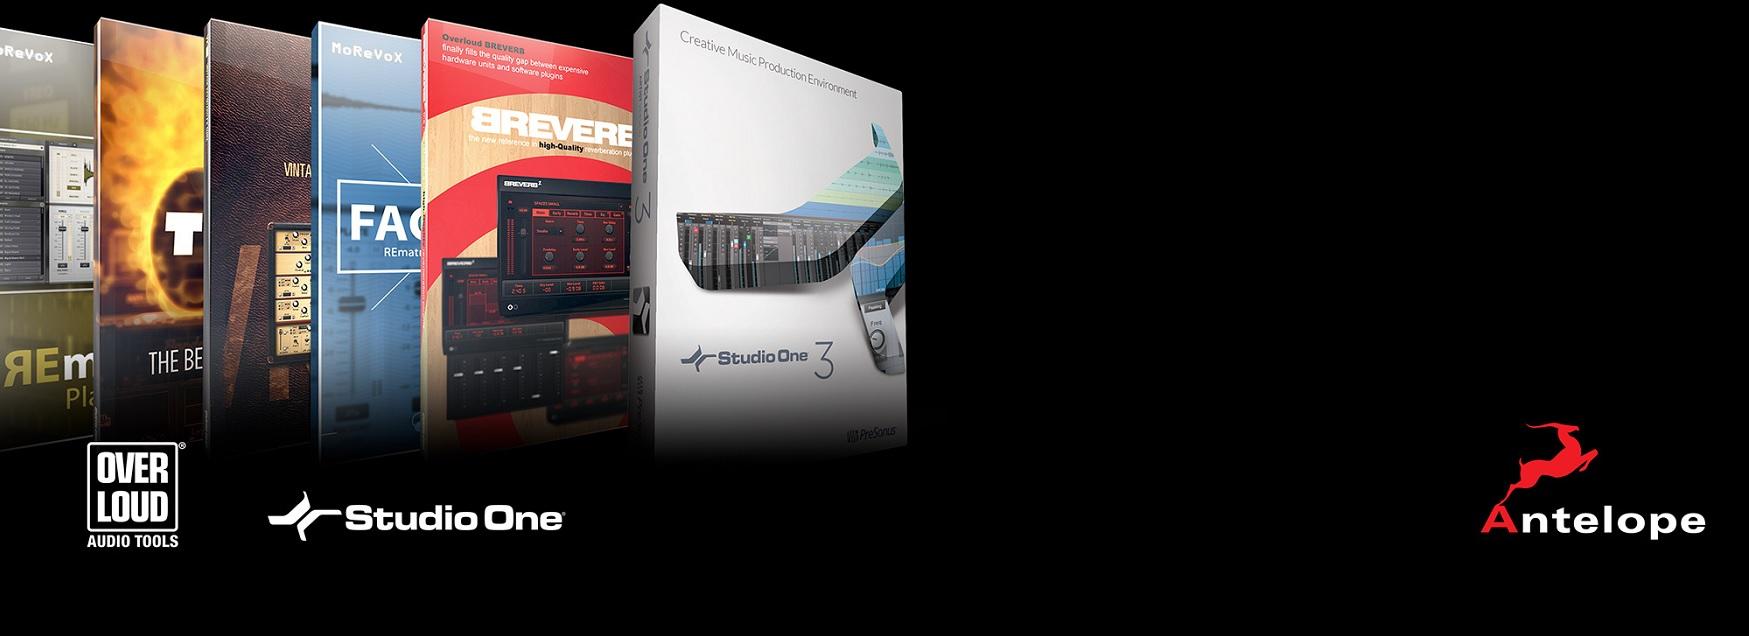 Todas las interfaces de audio de Antelope ahora vienen con una edición gratuita de Synergy Bundle